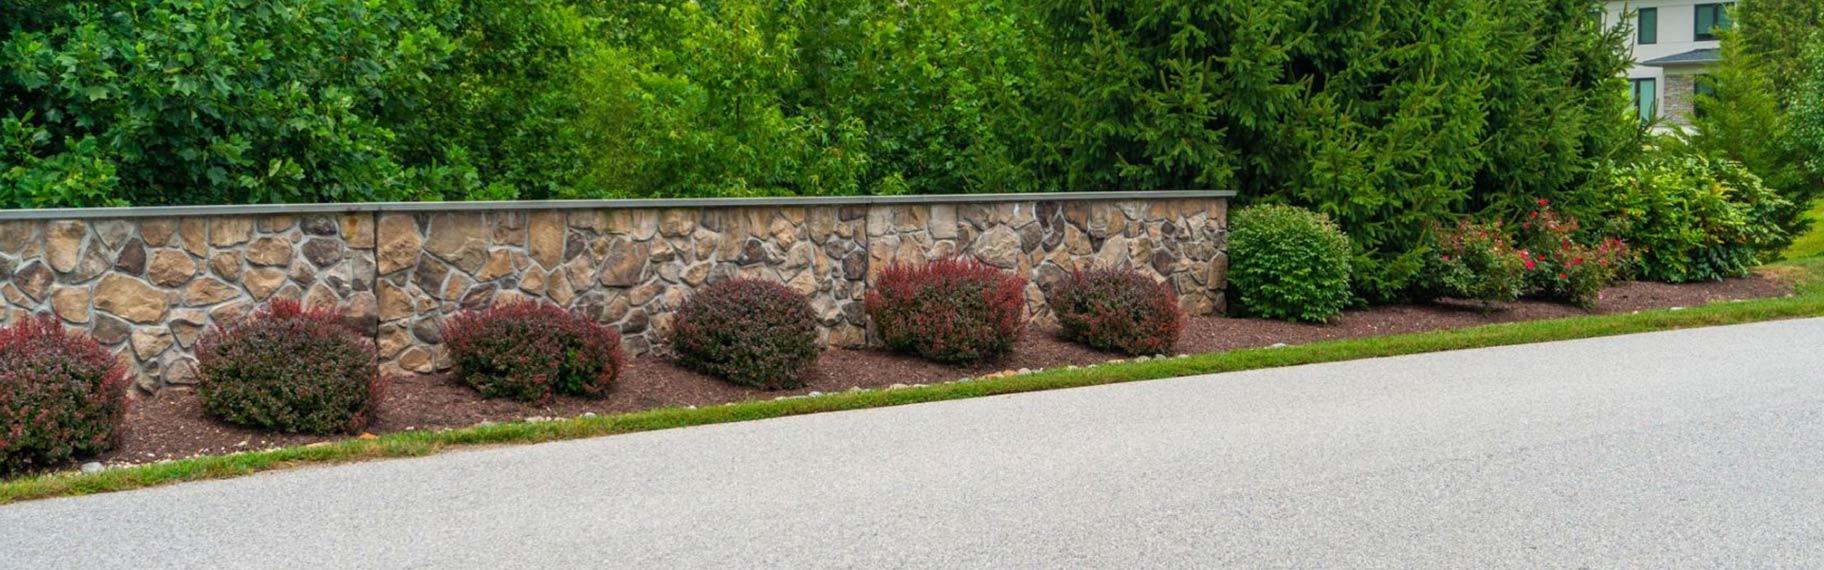 Landscape Design in Ellicott City, Glenelg, Howard County